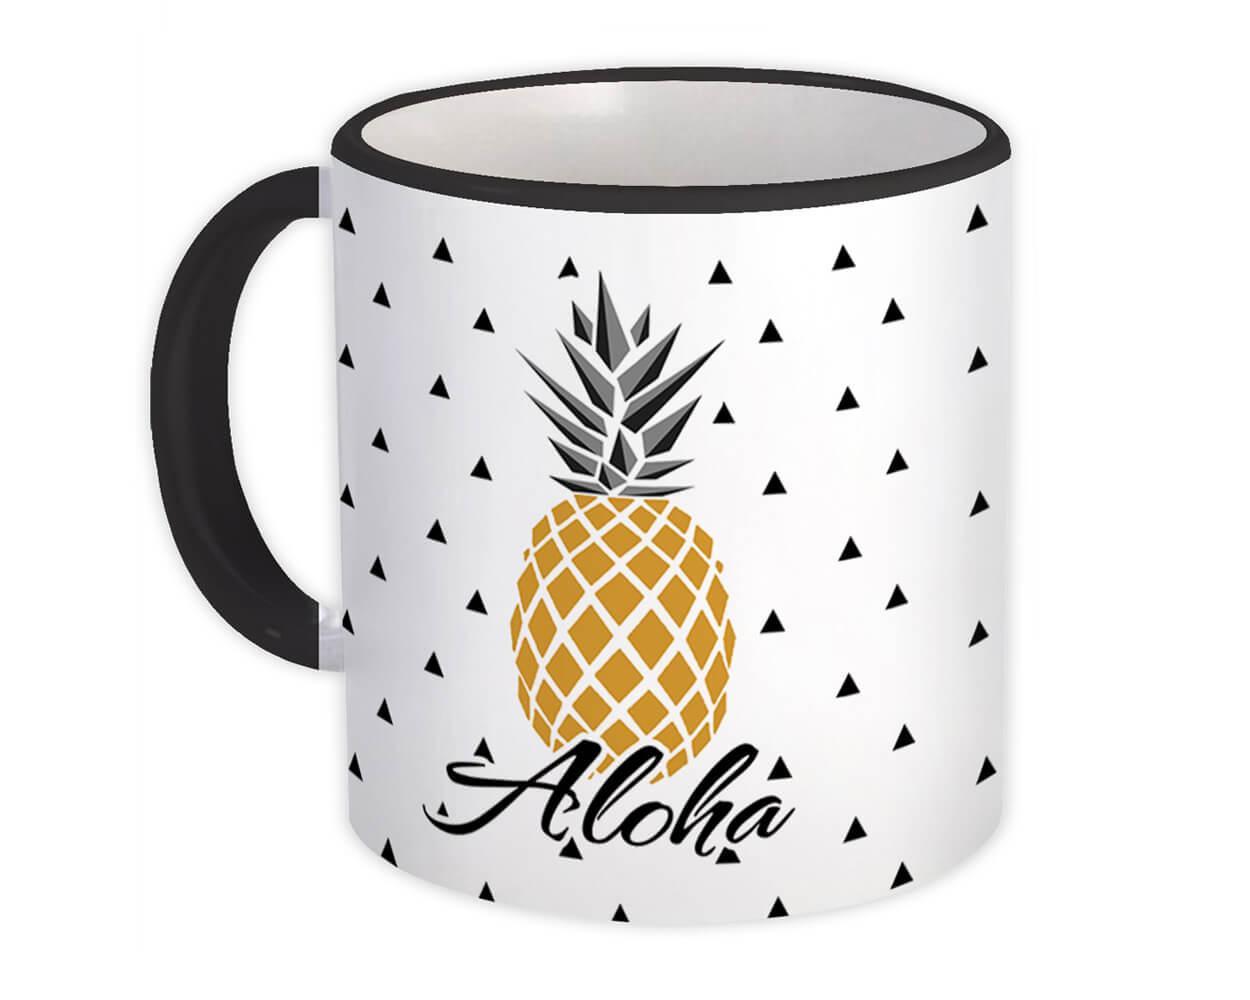 Pineapple Aloha : Gift Mug Hawaii Tropical Cup Funny Elegant